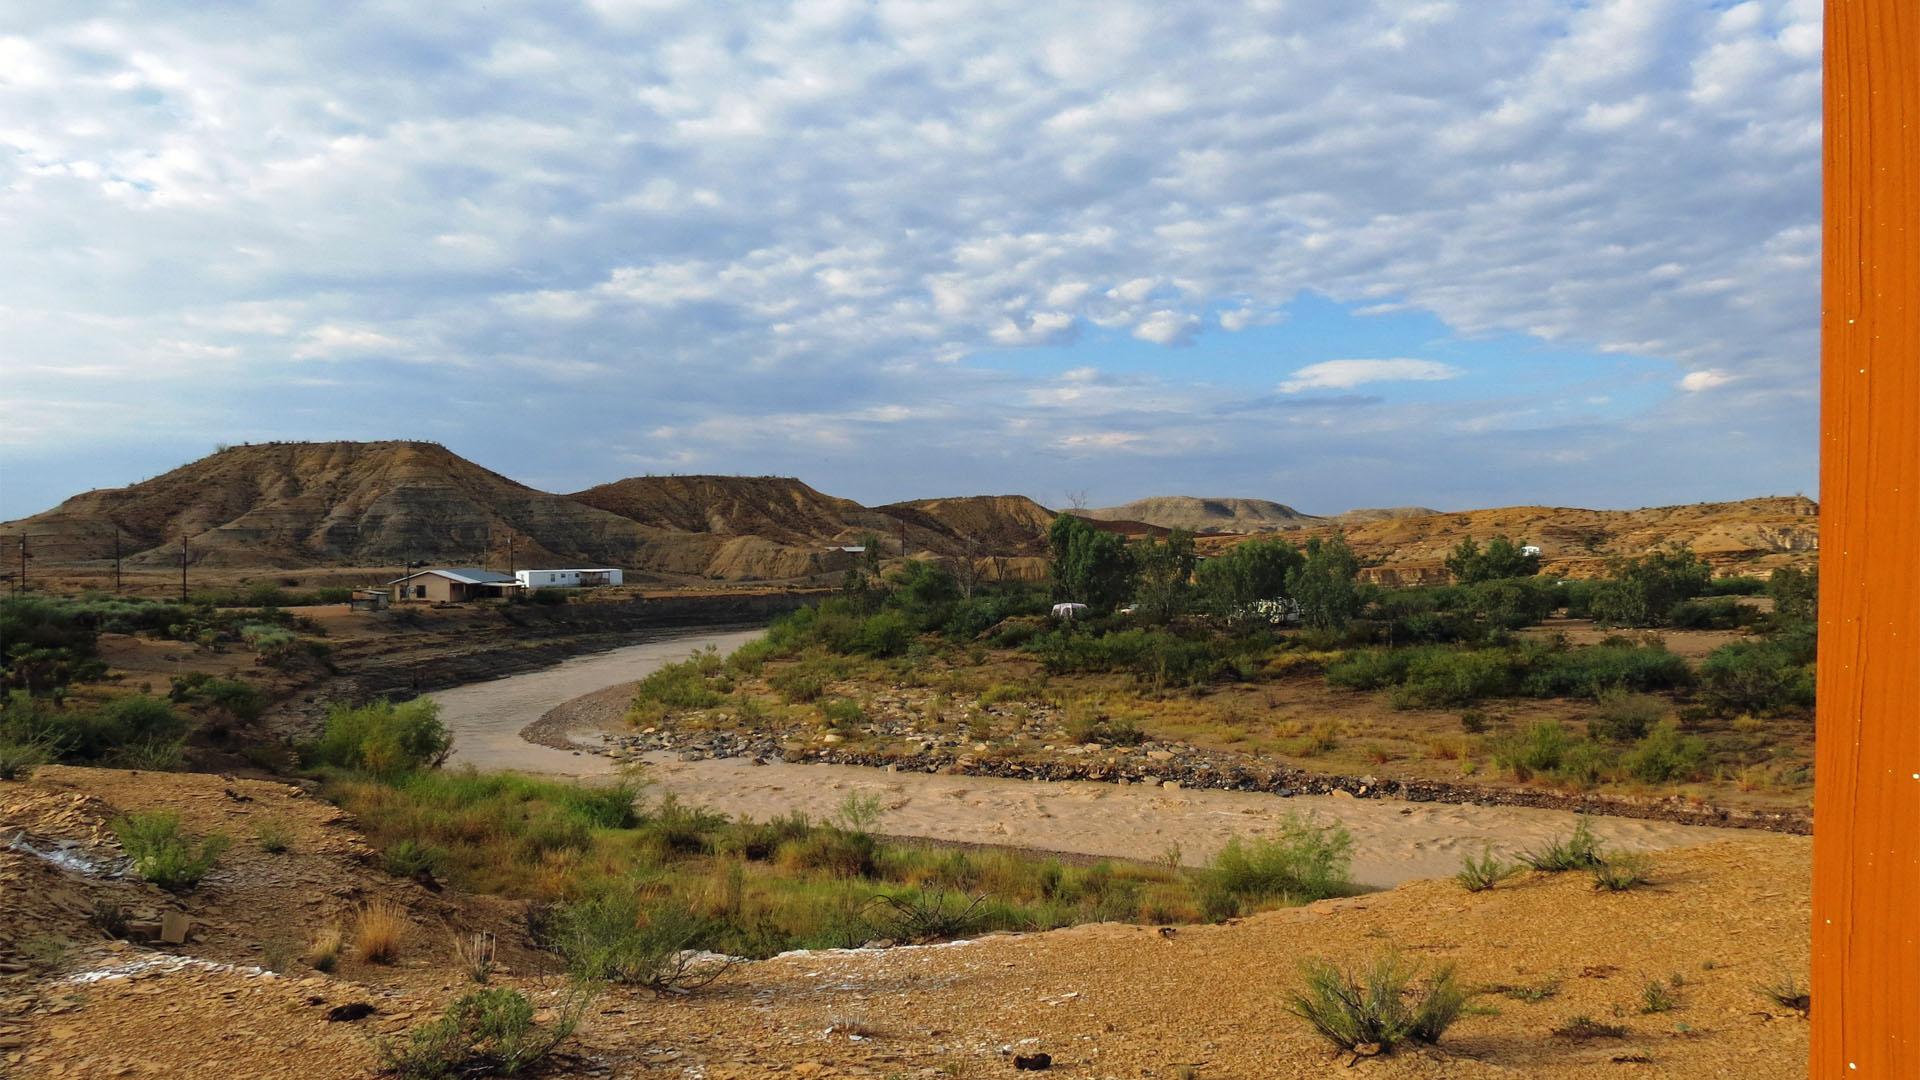 View of Terlingua Creek when flashing